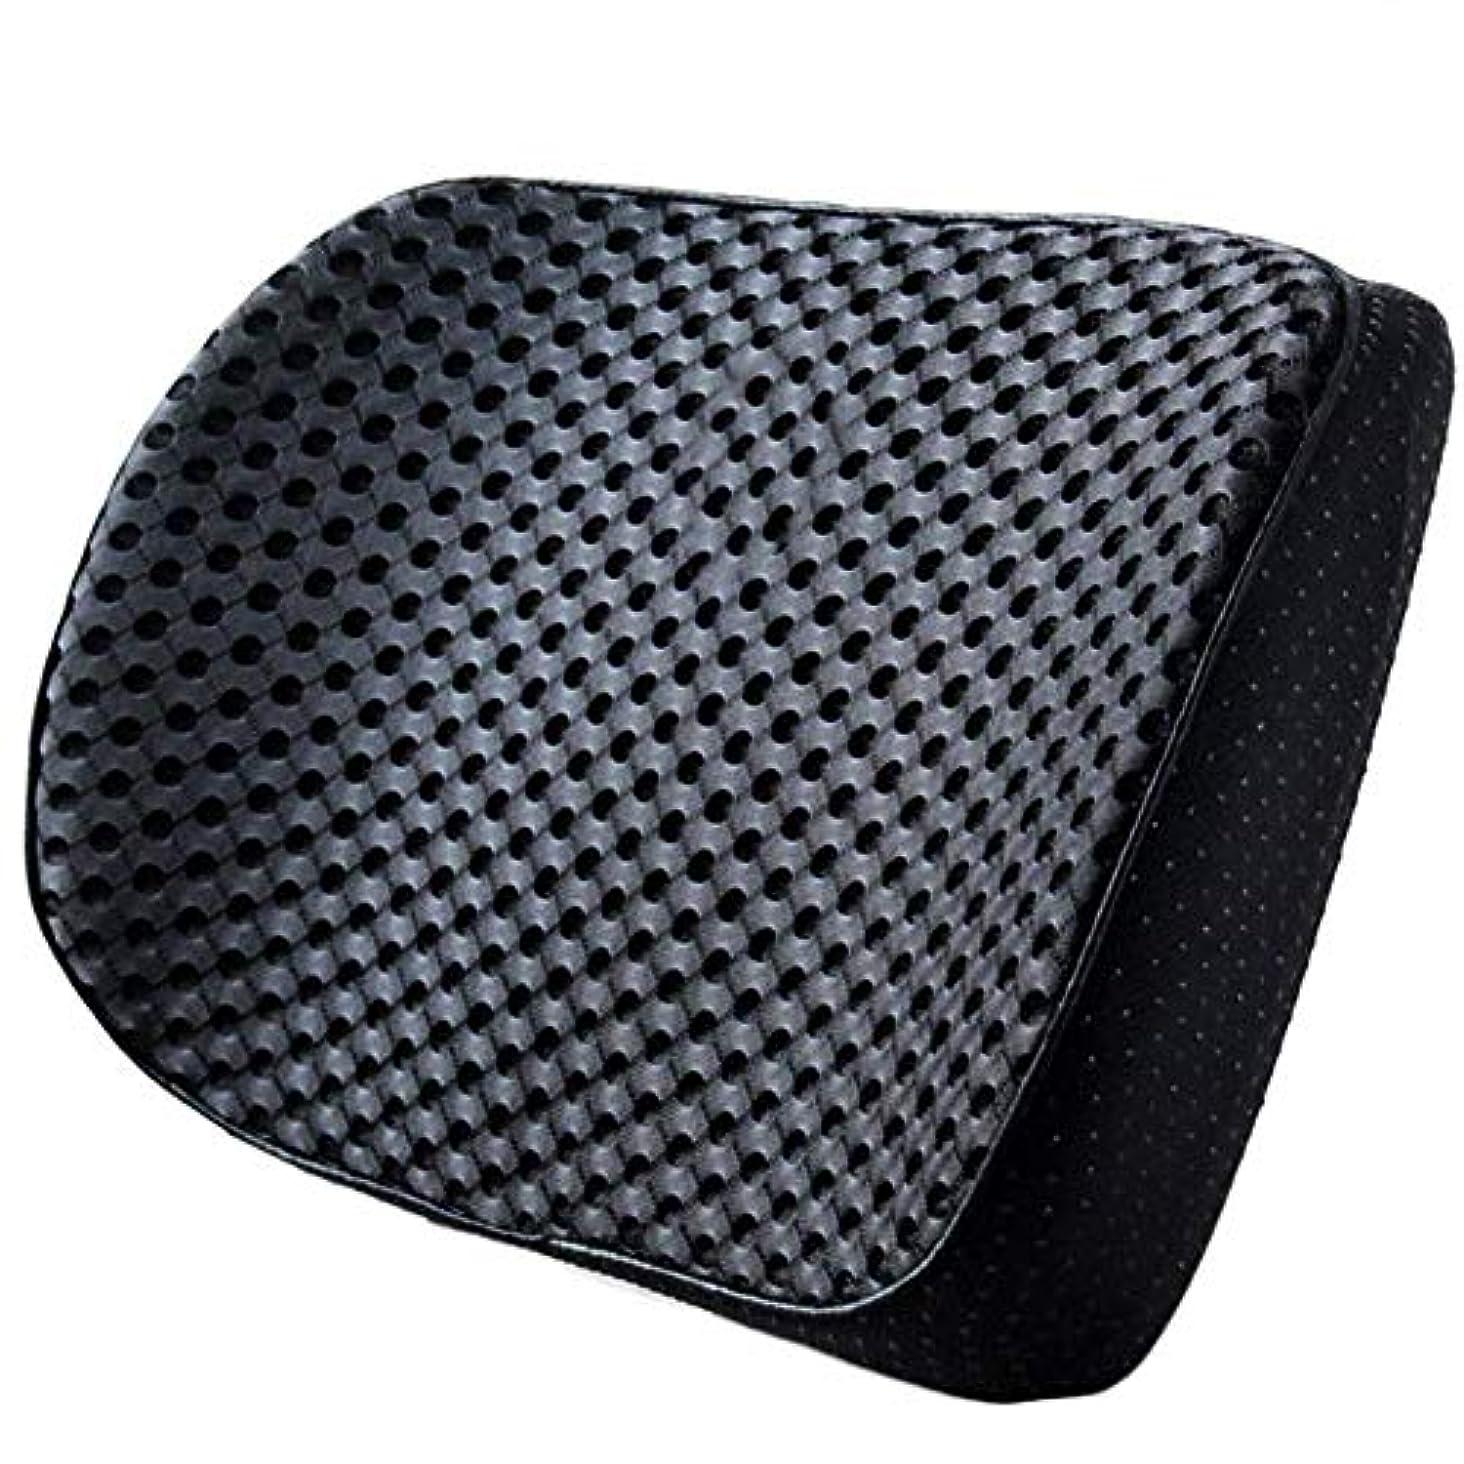 水没素晴らしきストレージ18-AnyzhanTrade 車のウエストクッション薄い車の車のランバーパッドホームオフィス小さなウエストバックウエストピローバック小さなコンパクトでポータブル柔軟な支持 (Color : ブラック, サイズ : 41x6x22cm)